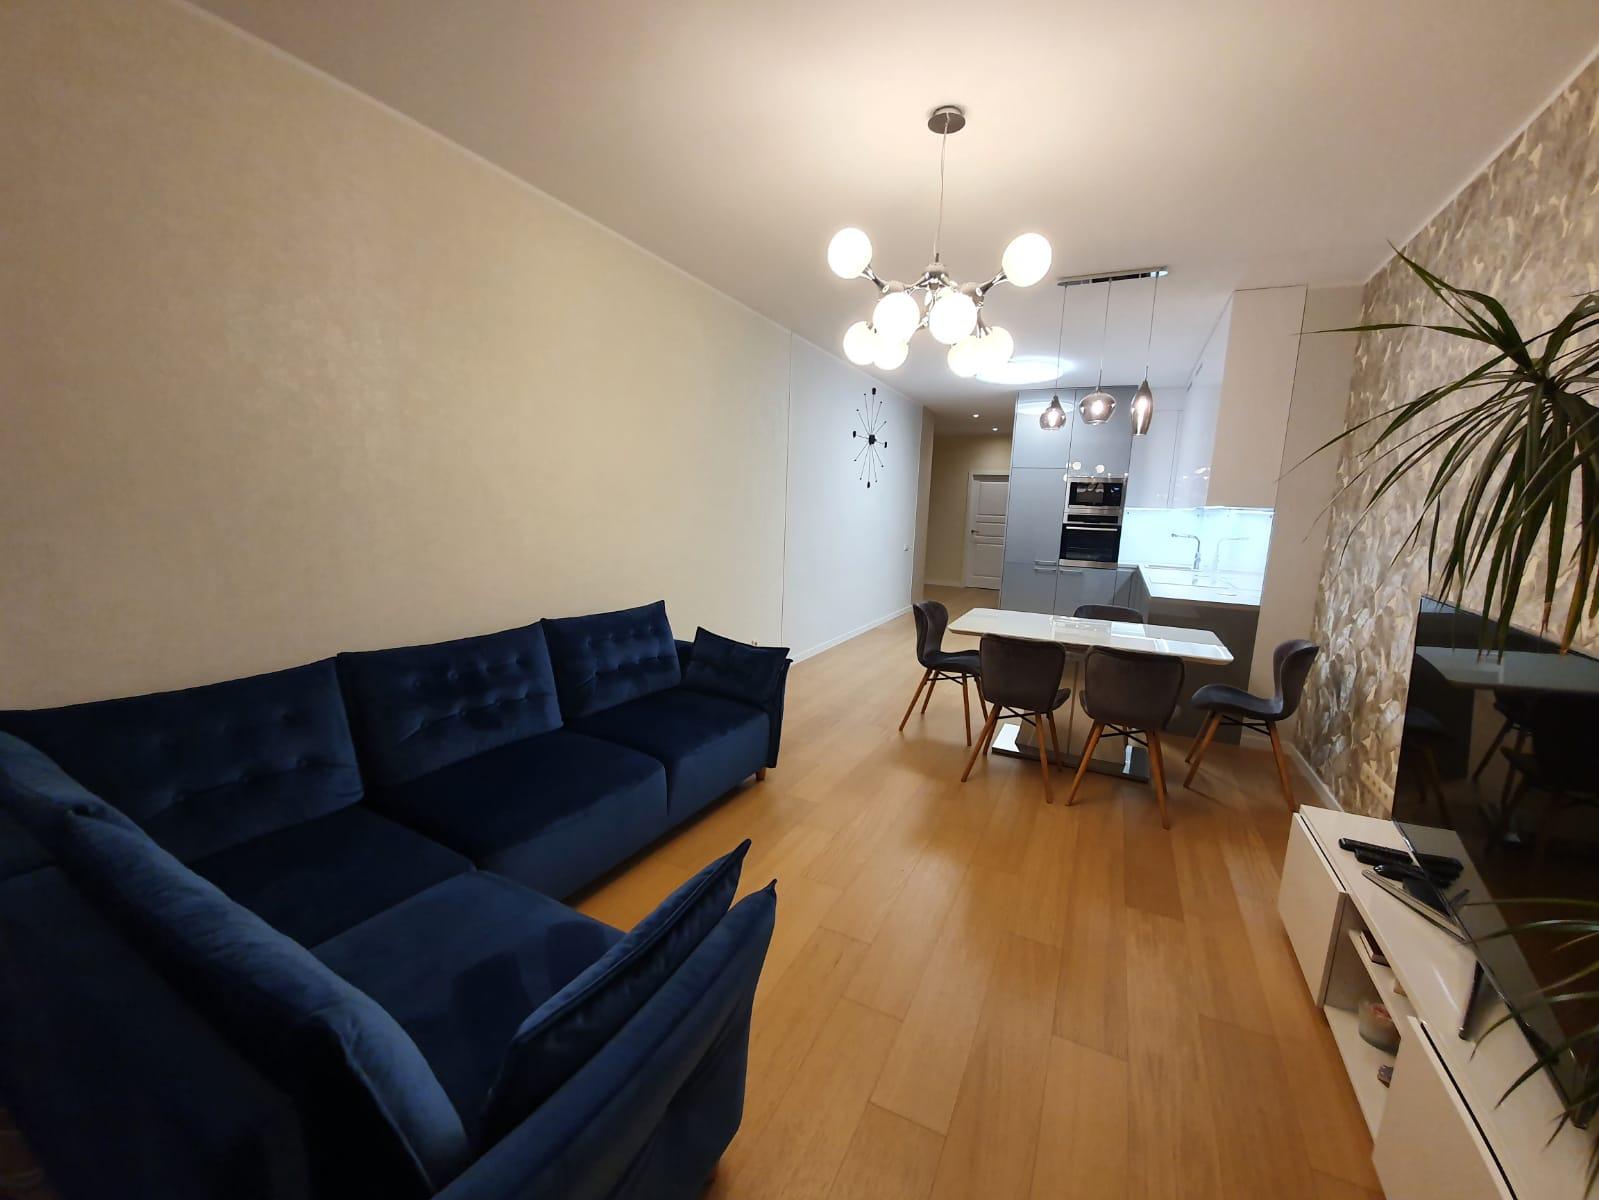 Pārdod dzīvokli, Aleksandra Čaka iela 134 - Attēls 1